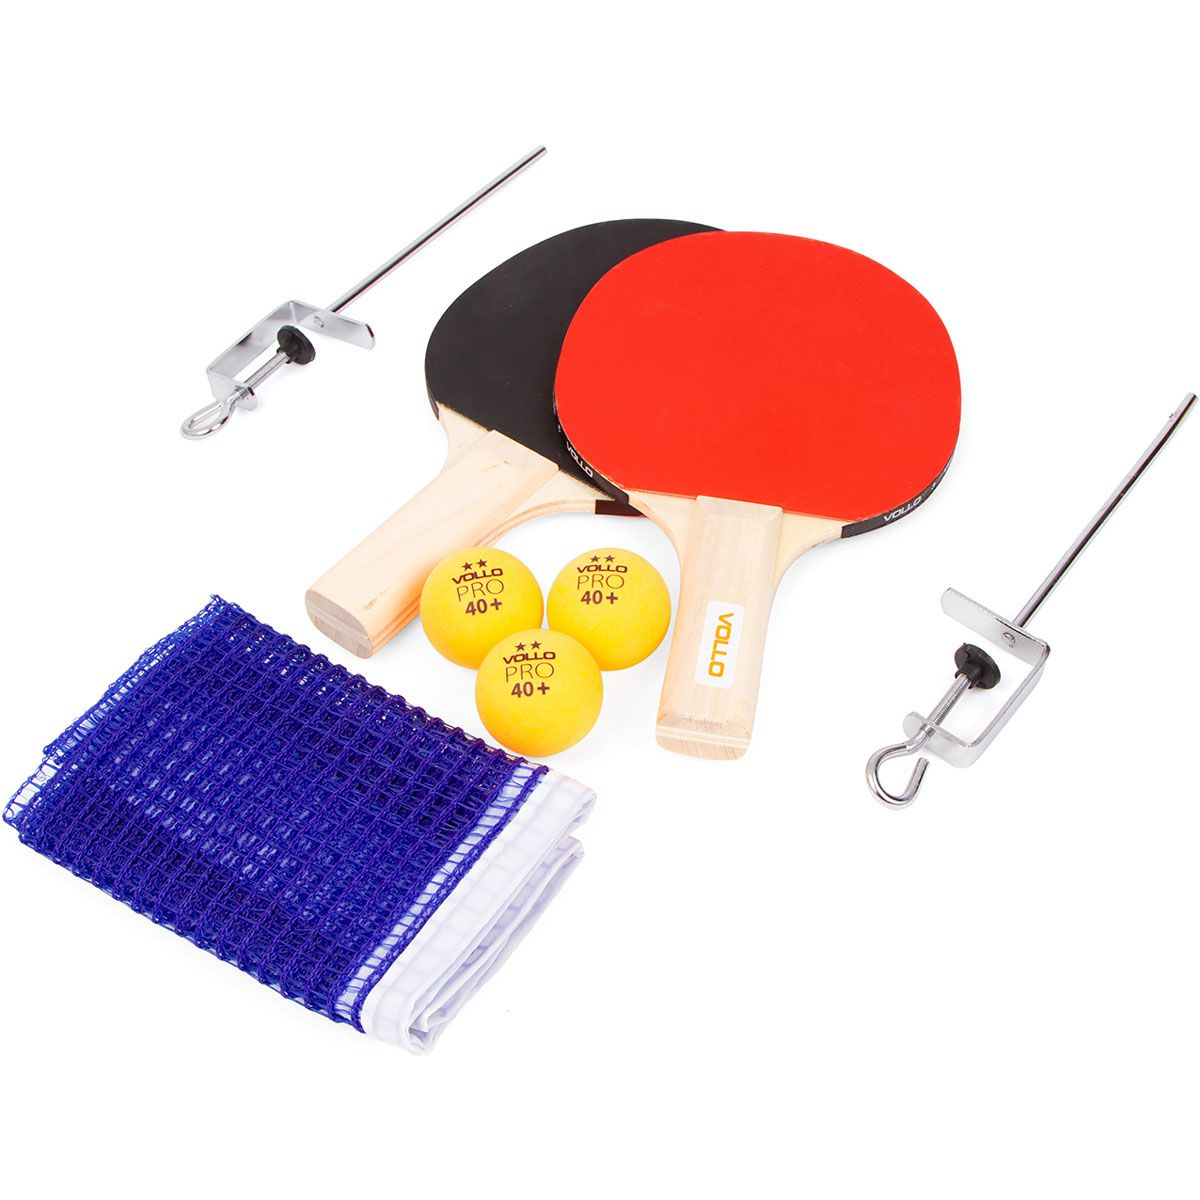 Kit Raquete Tenis de Mesa Ping Pong com 3 Bolas Rede e Suporte - Vollo